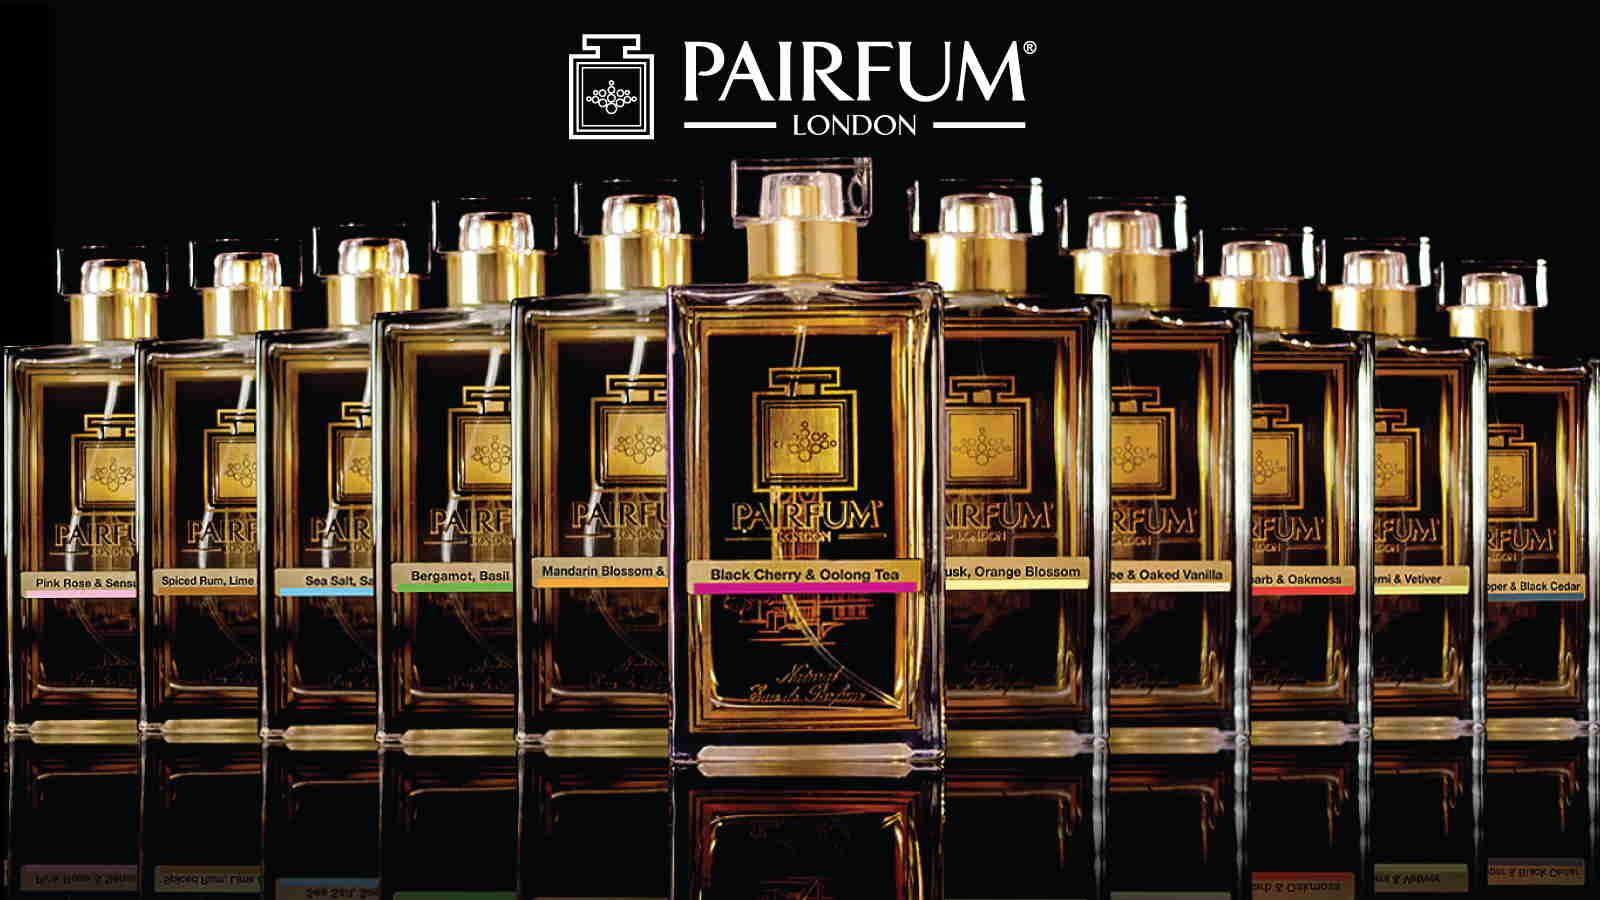 Pairfum London Natural Niche Eau De Parfum Range 16 9